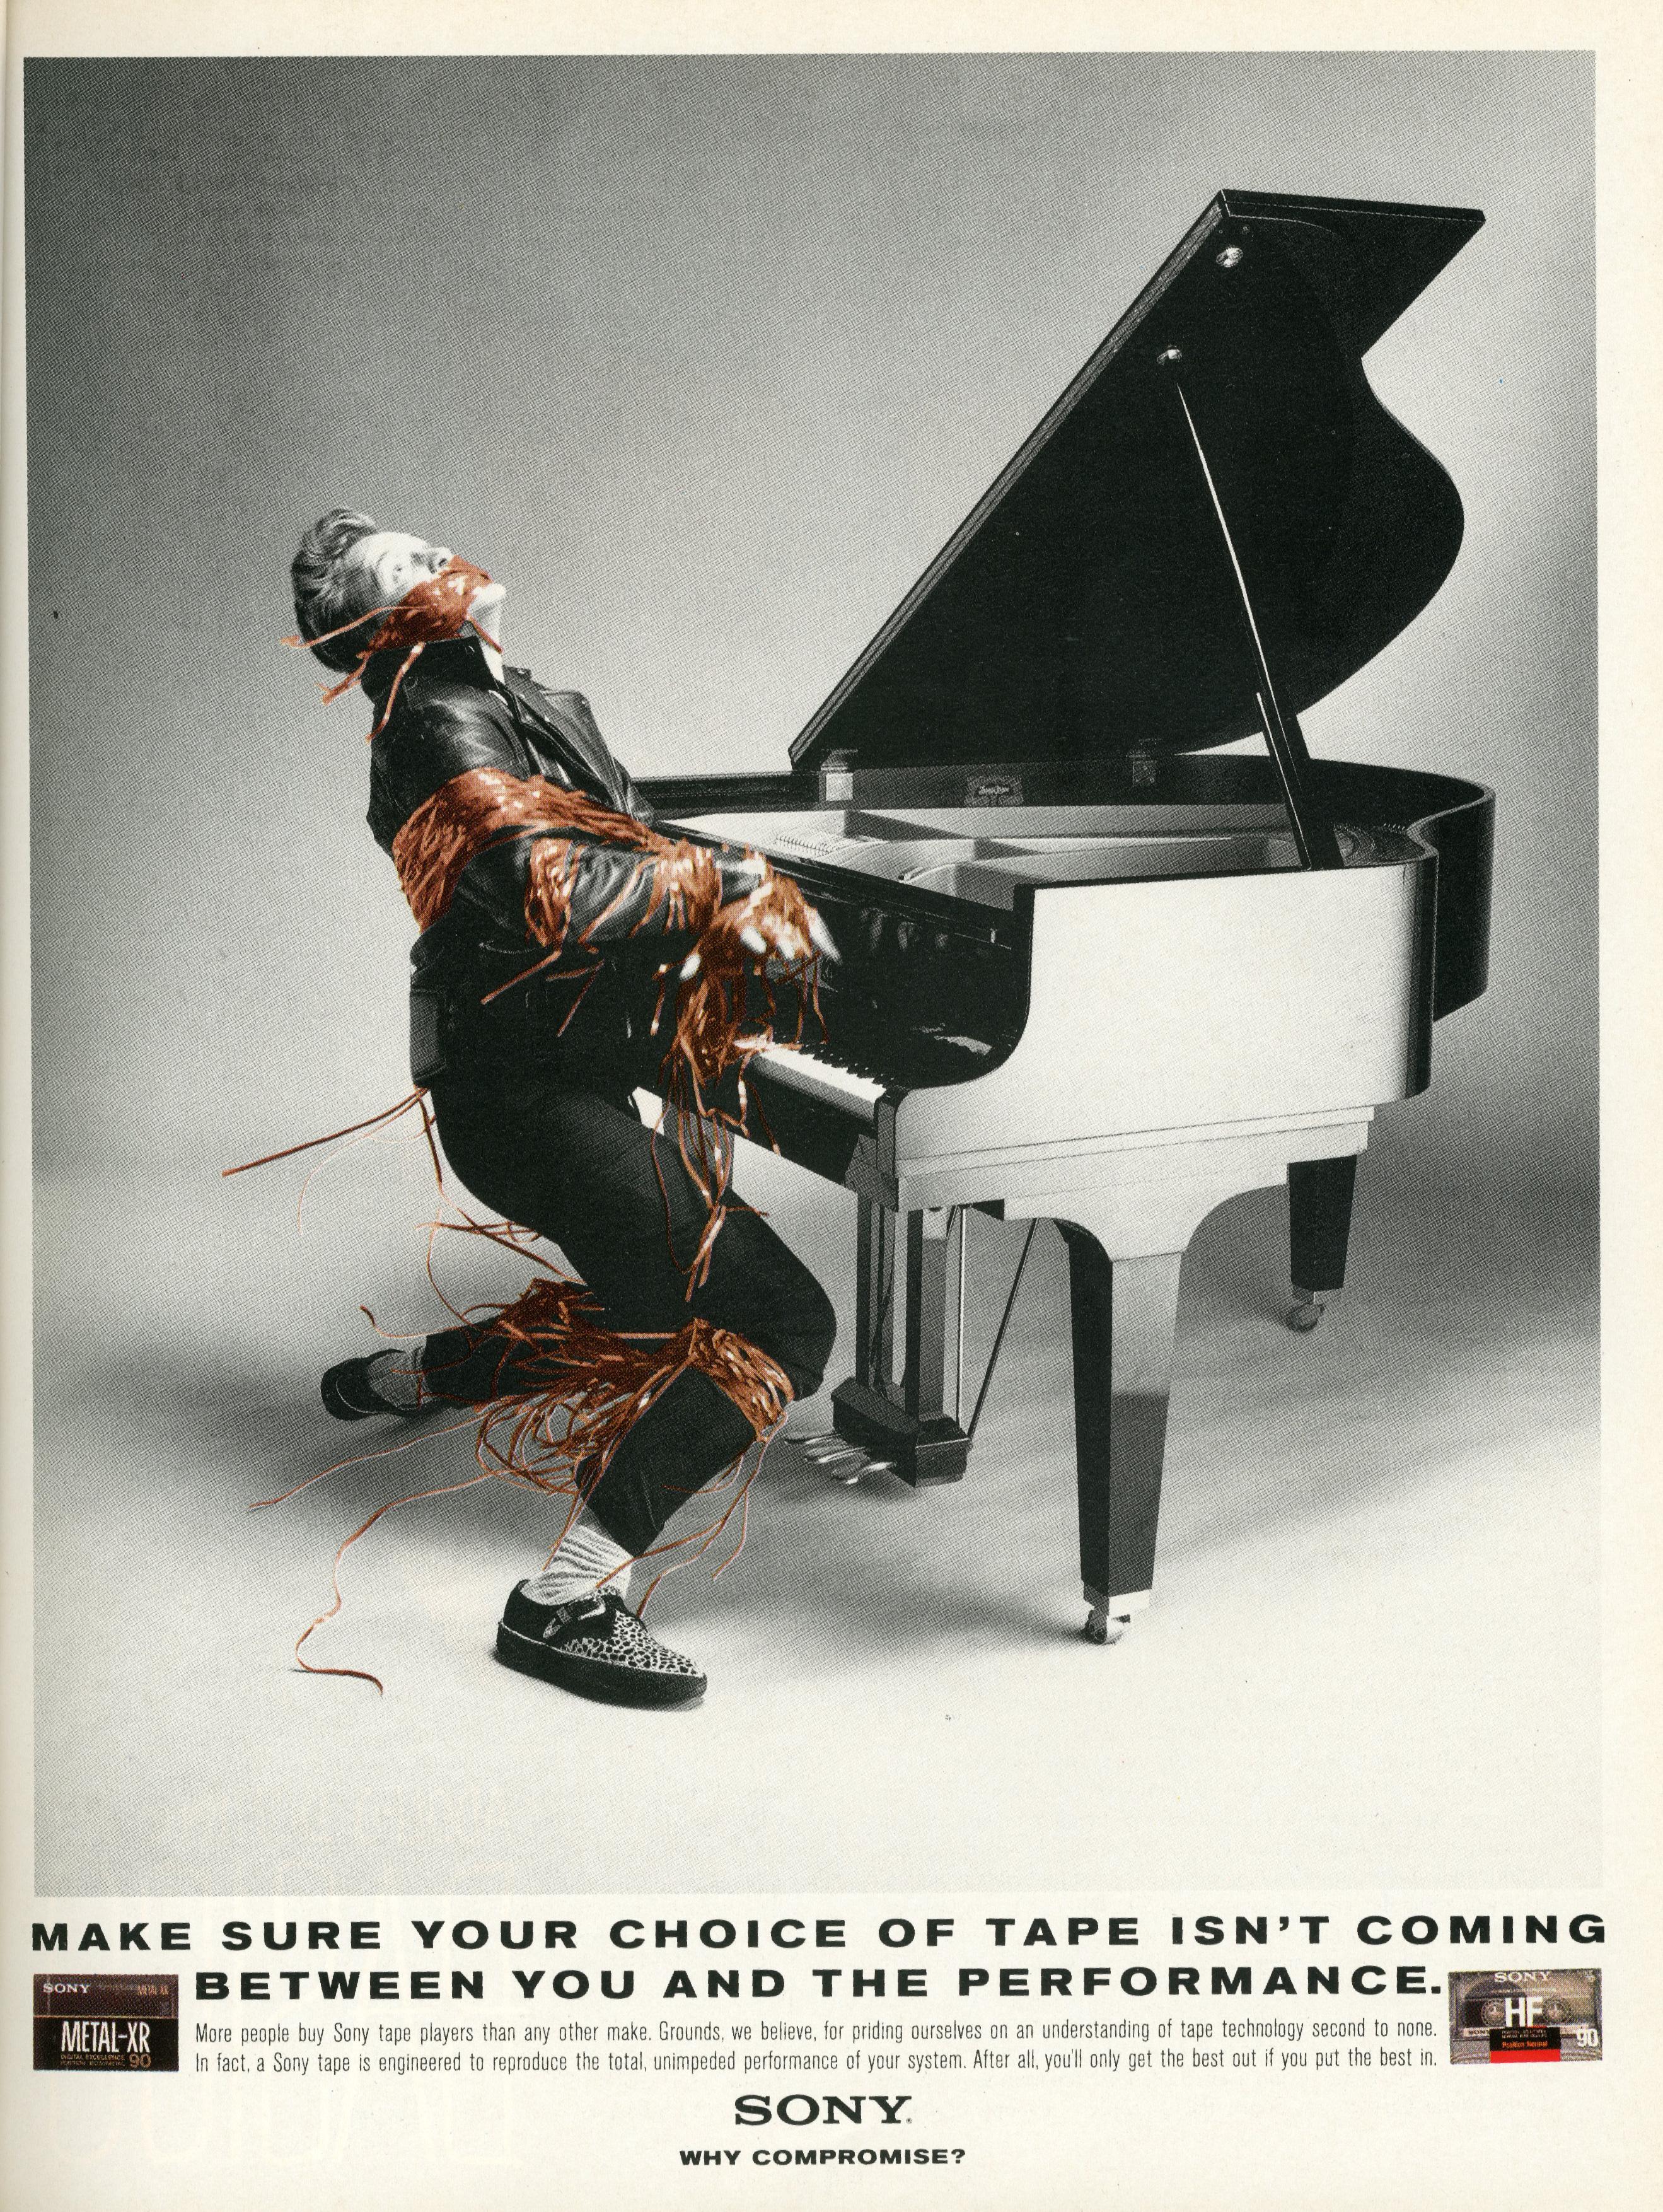 SONY Tape 'Piano'-01